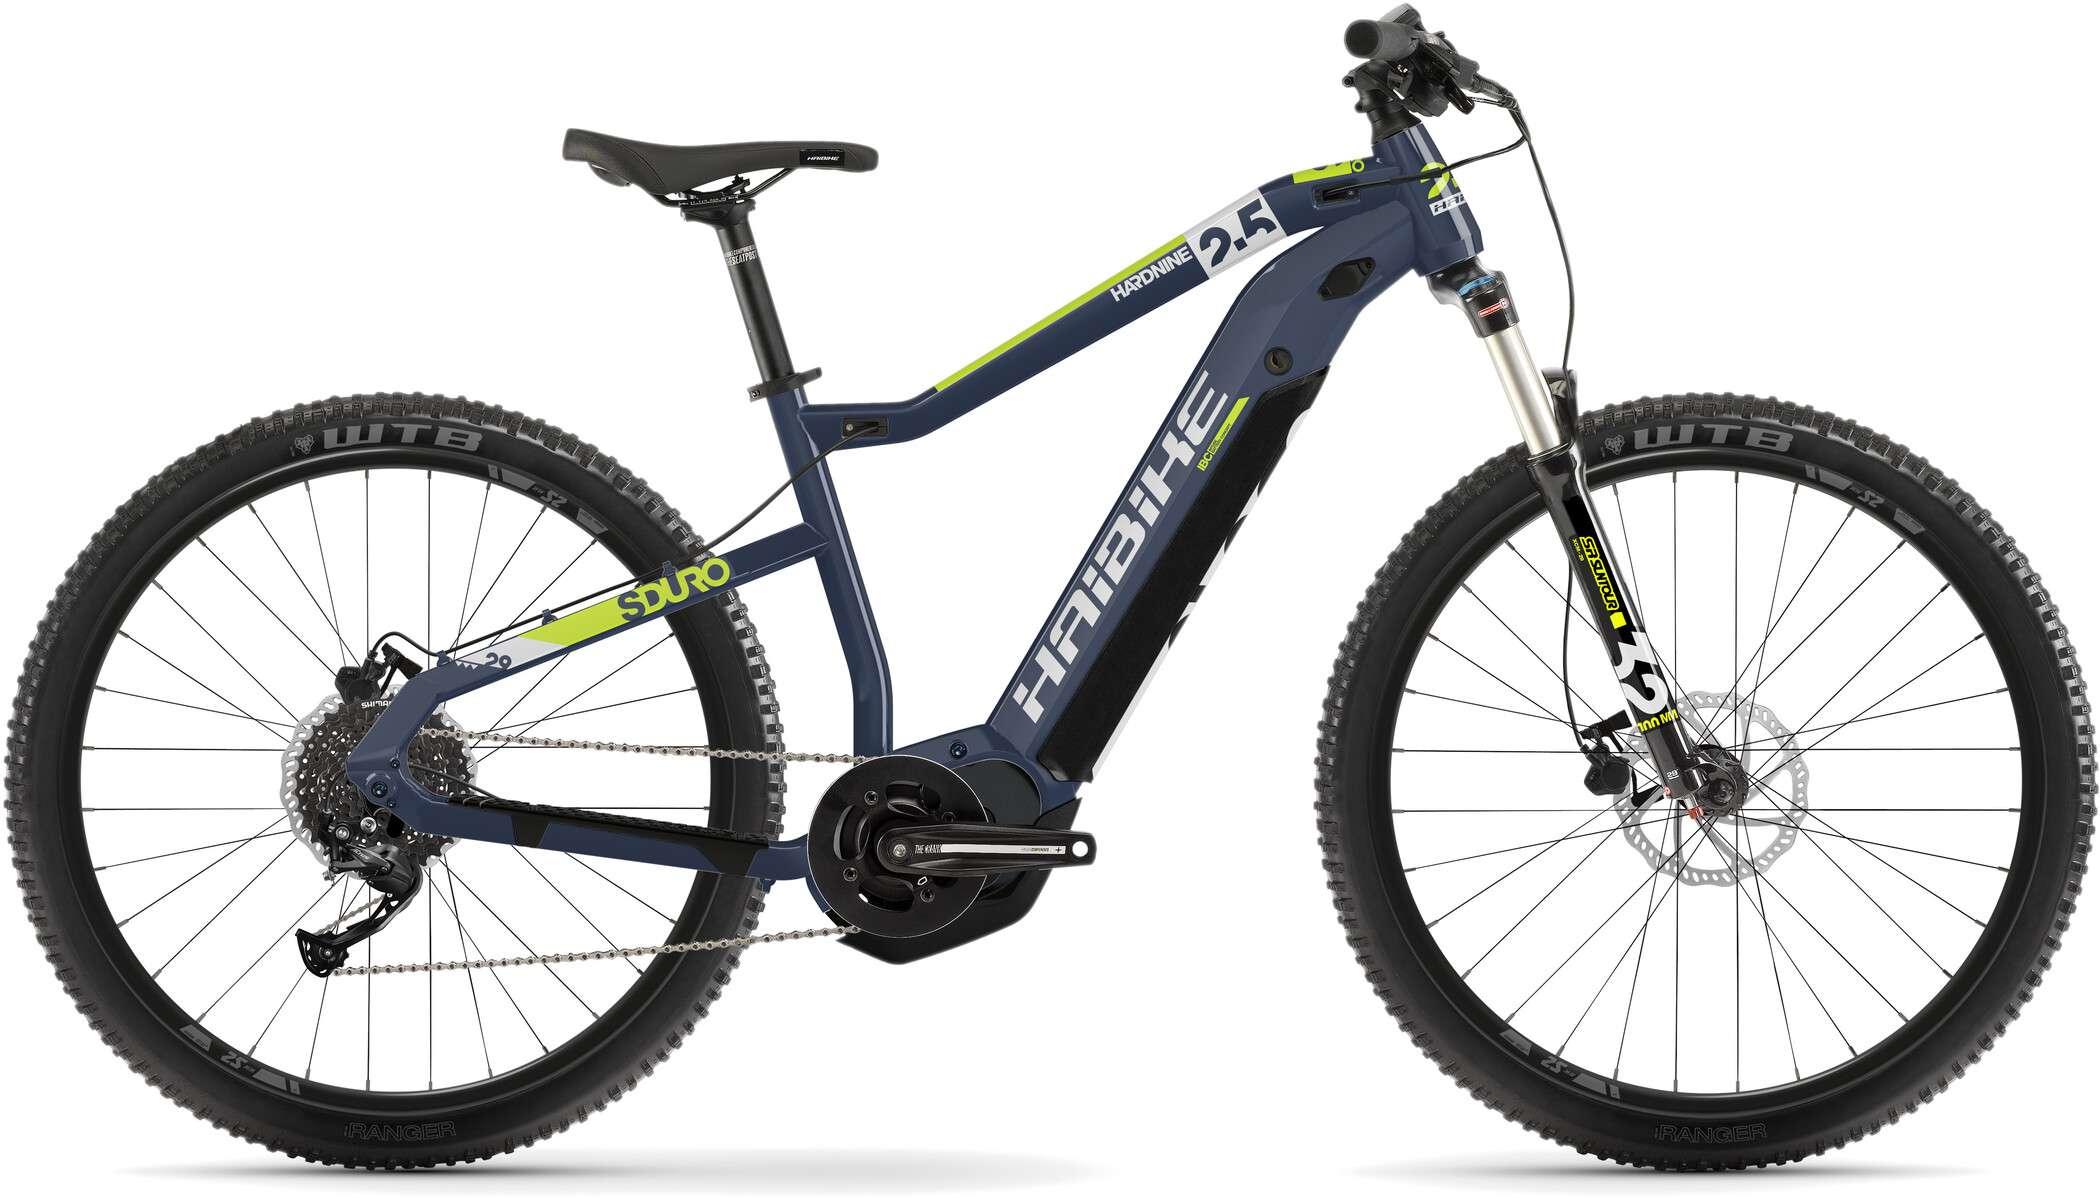 Bicicleta eléctrica de montaña para excursiones